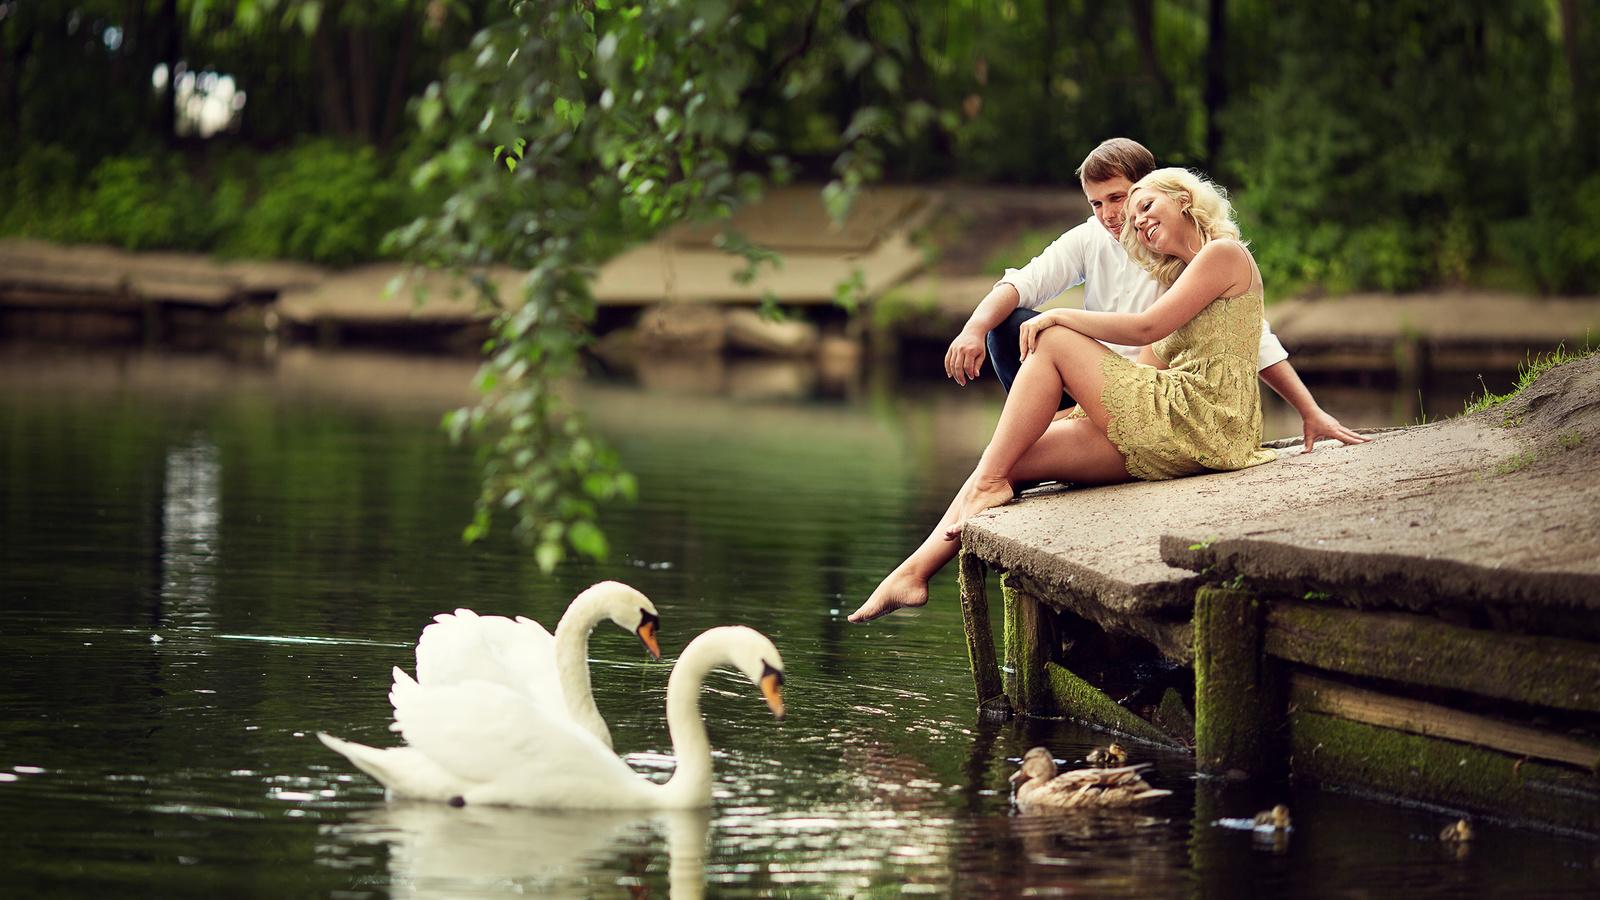 лето, девушка, птицы, ветки, природа, пруд, люди, романтика, утки, пара, парень, лебеди, влюблённые, марианна смолина